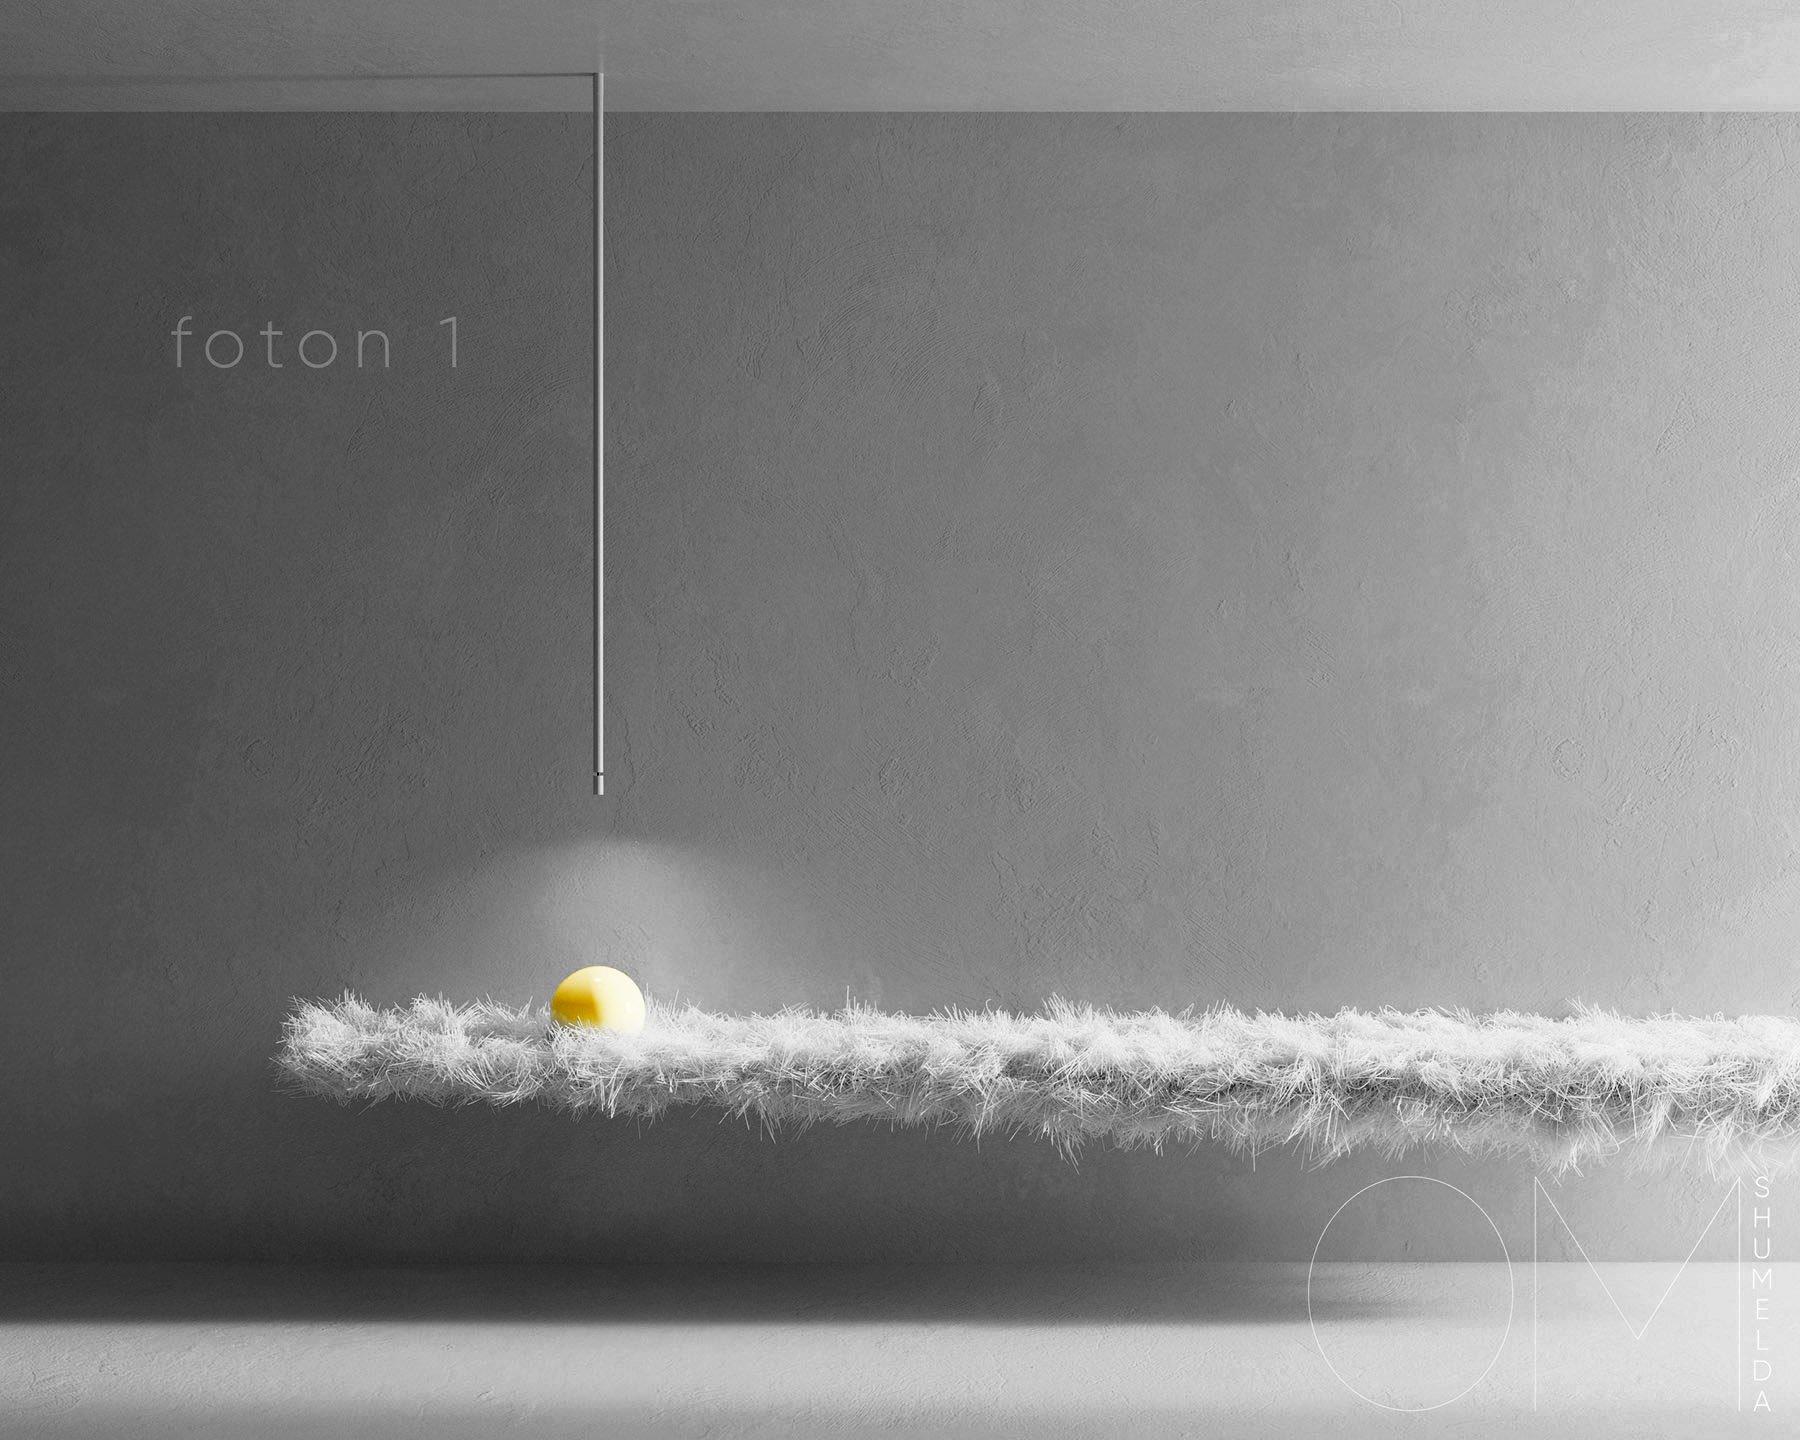 FOTONA1